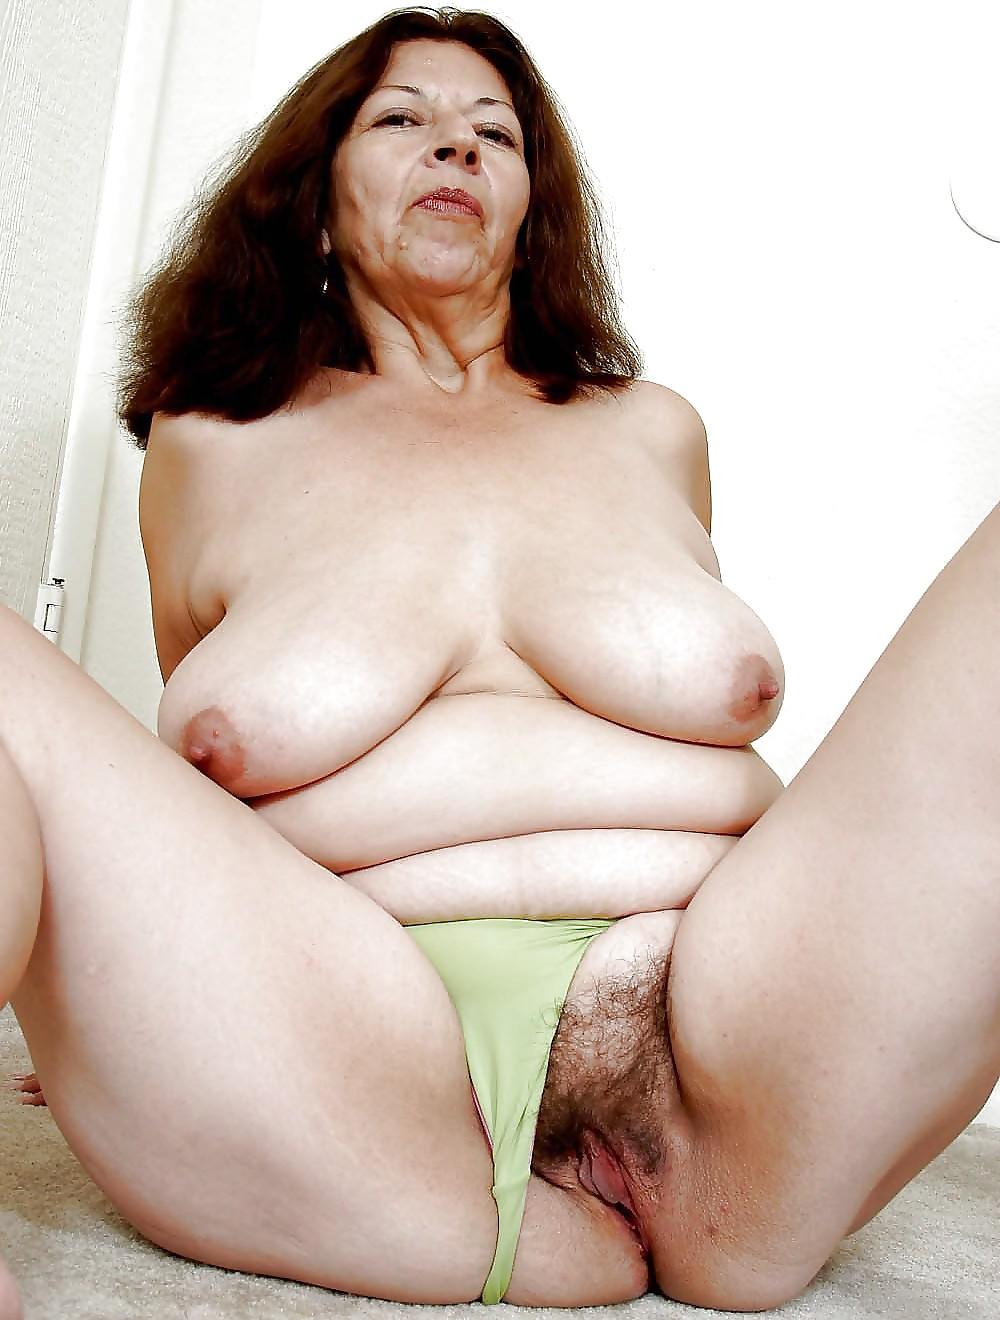 Сочные волосатые пожилые эро фото, татарские девушки порно секс